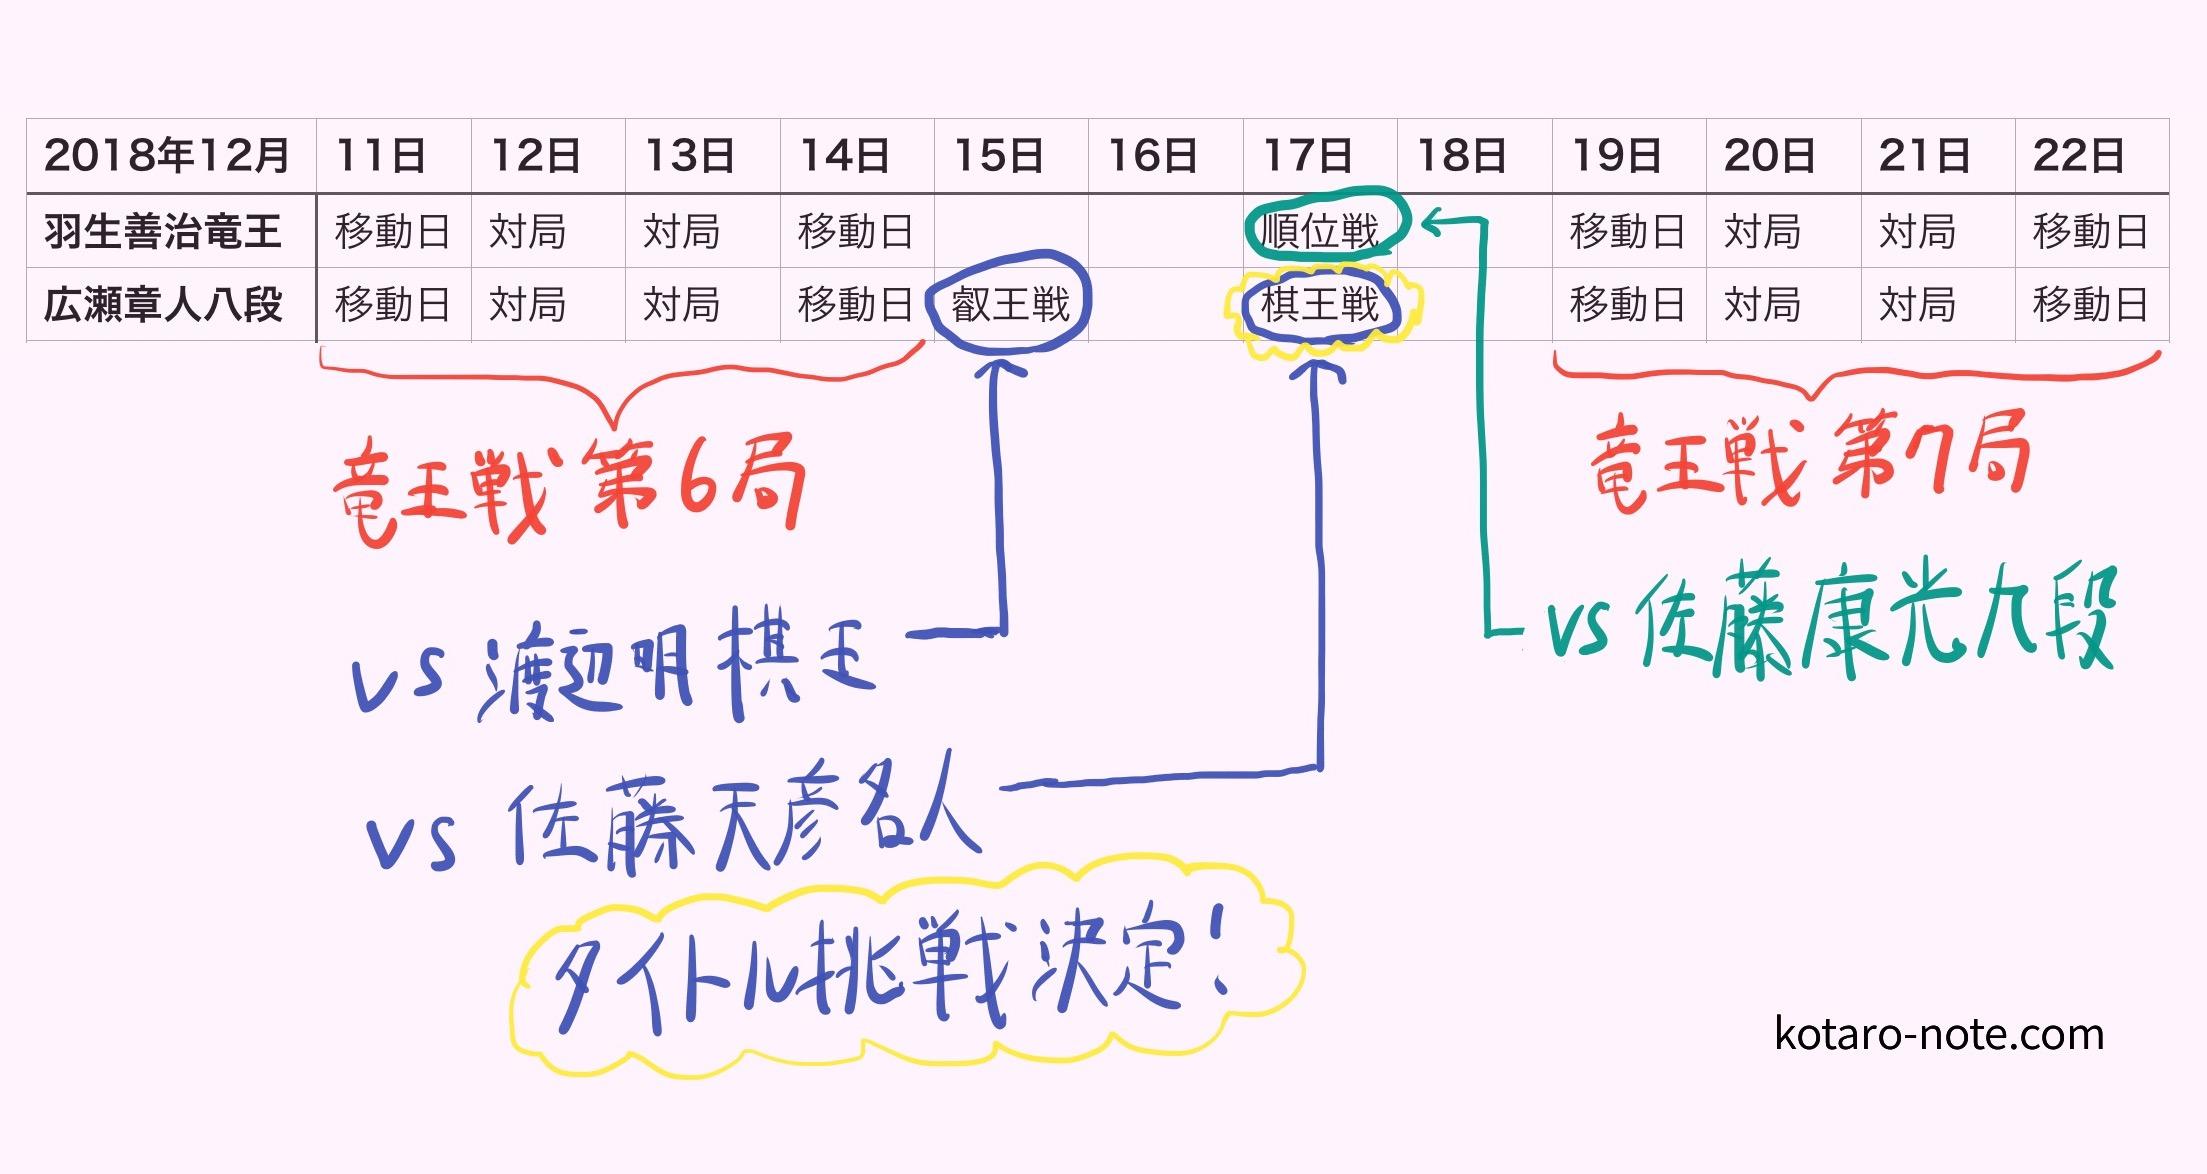 羽生善治竜王と広瀬章人八段の対局日程